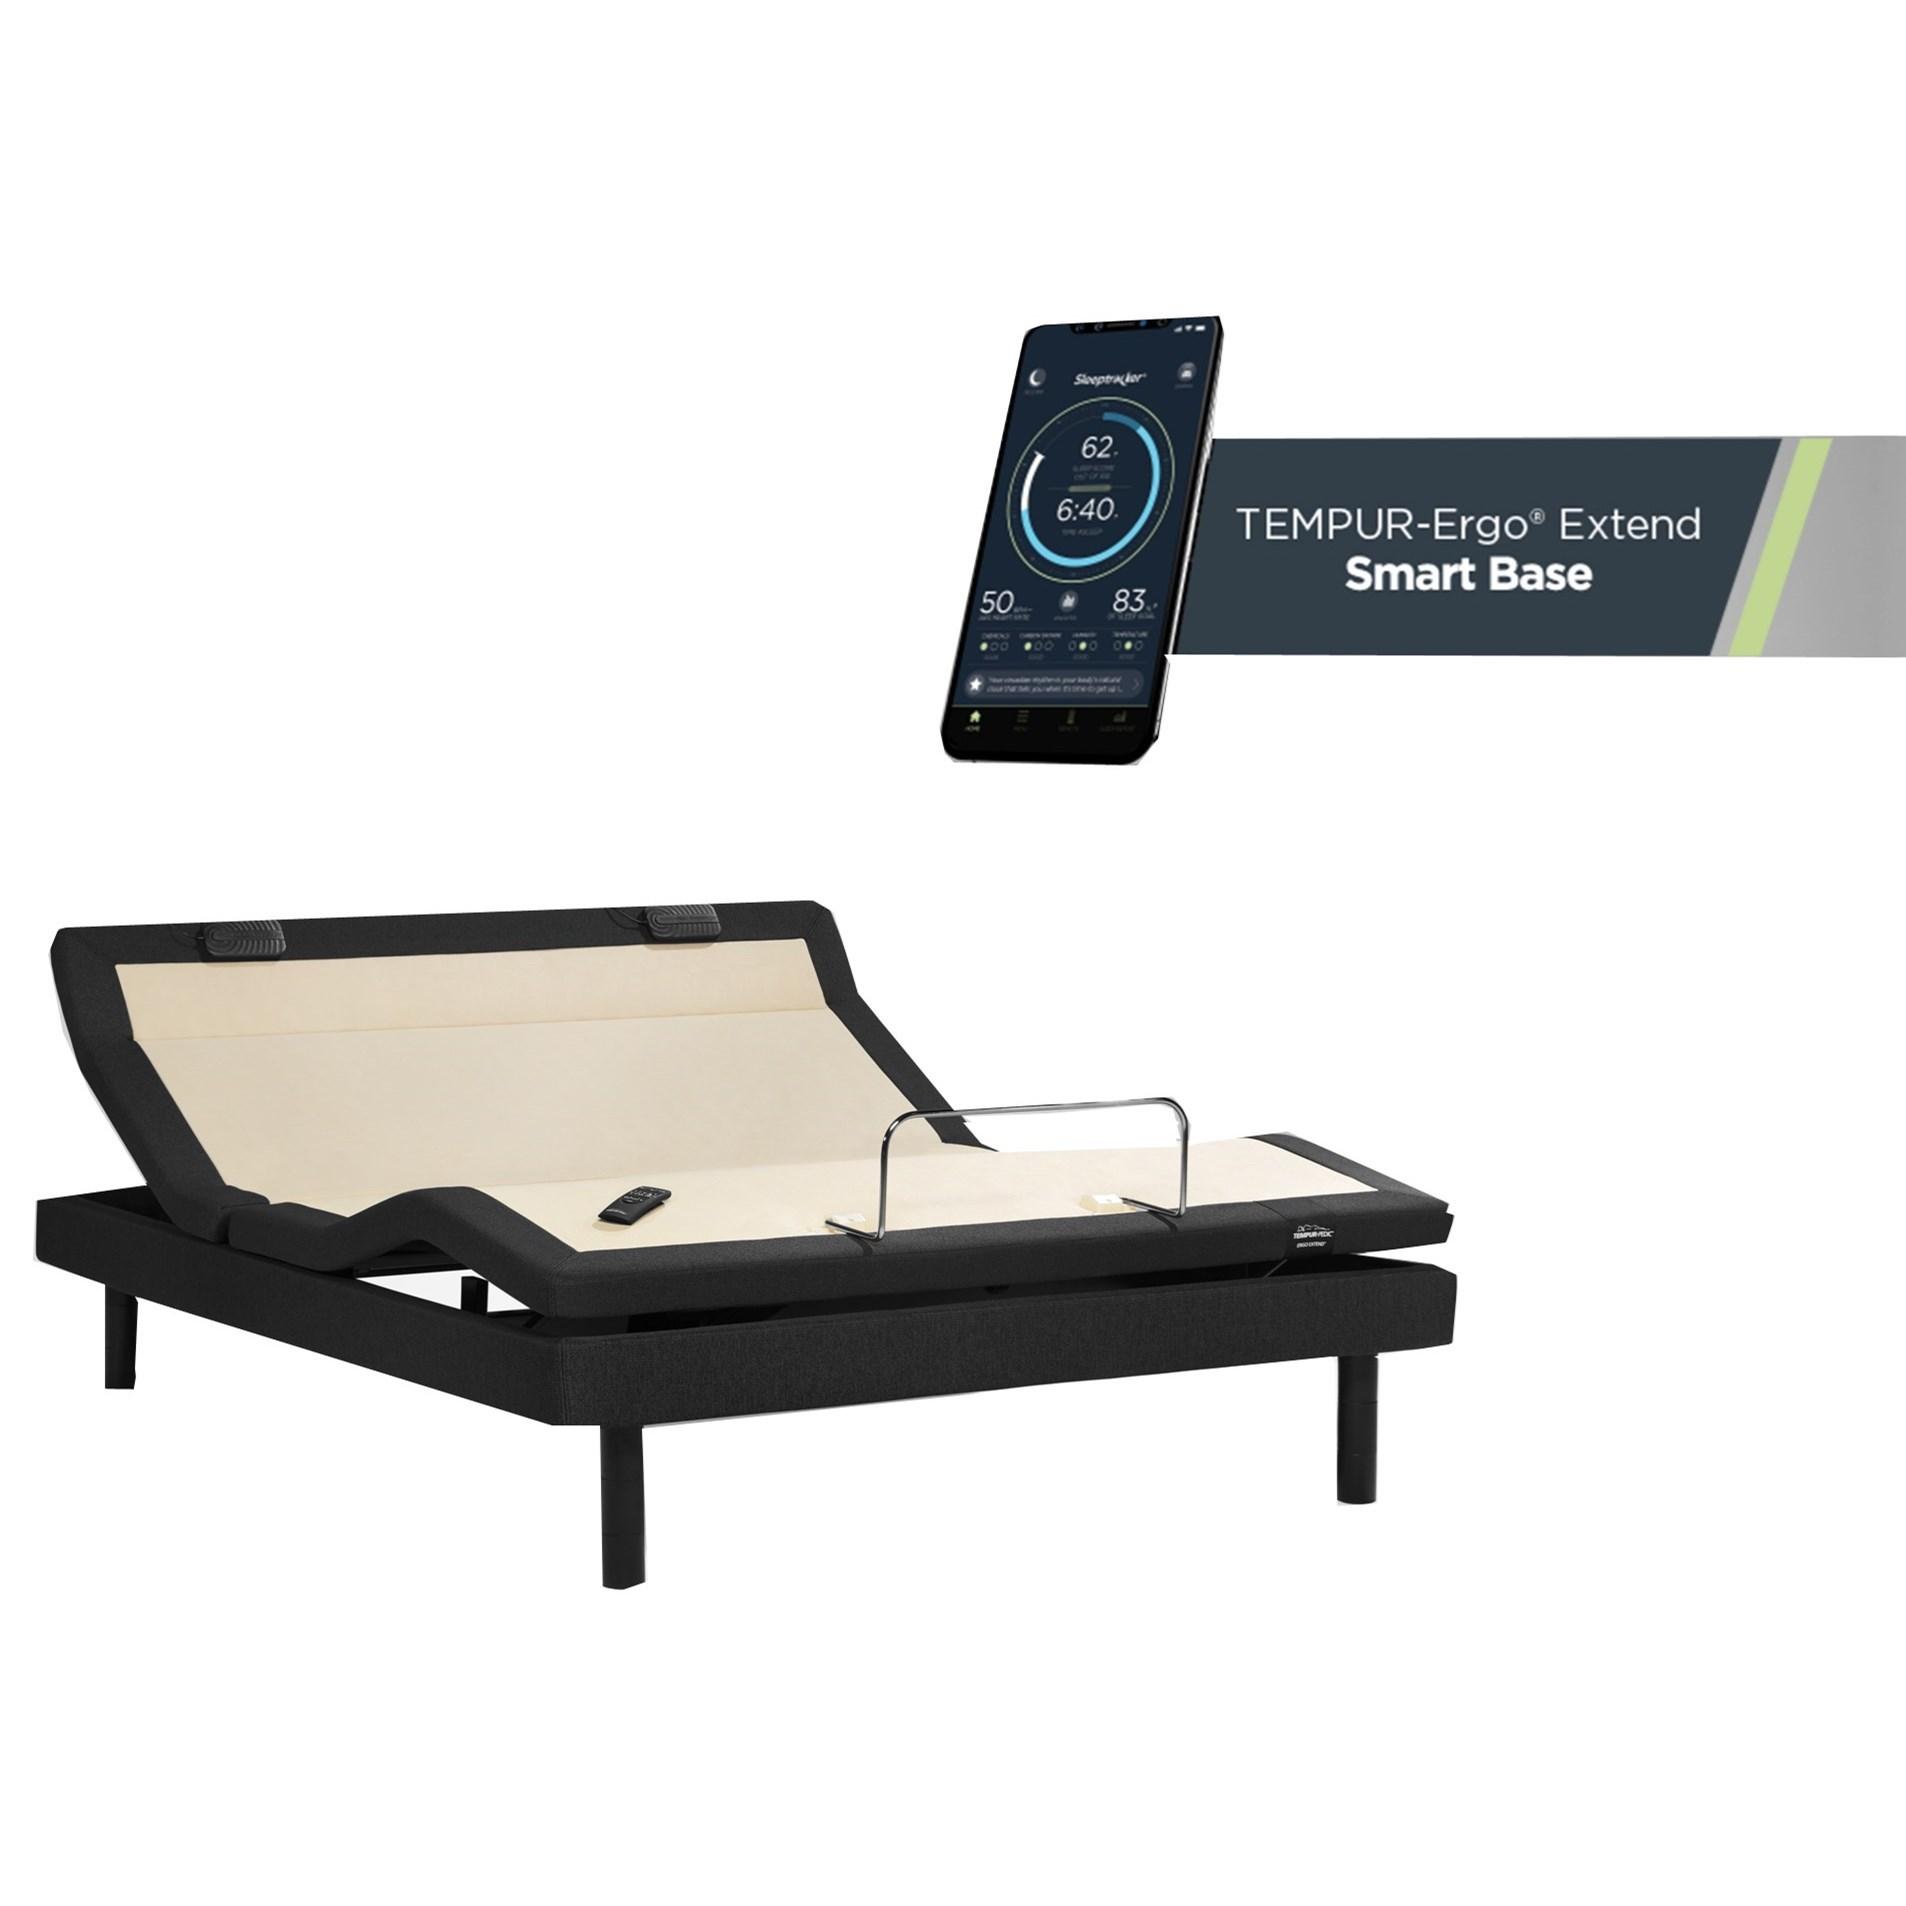 Tempur Ergo Extend Smart Base Twin XL TEMPUR-ERGO®EXTEND SMART BASE by Tempur-Pedic® at Darvin Furniture